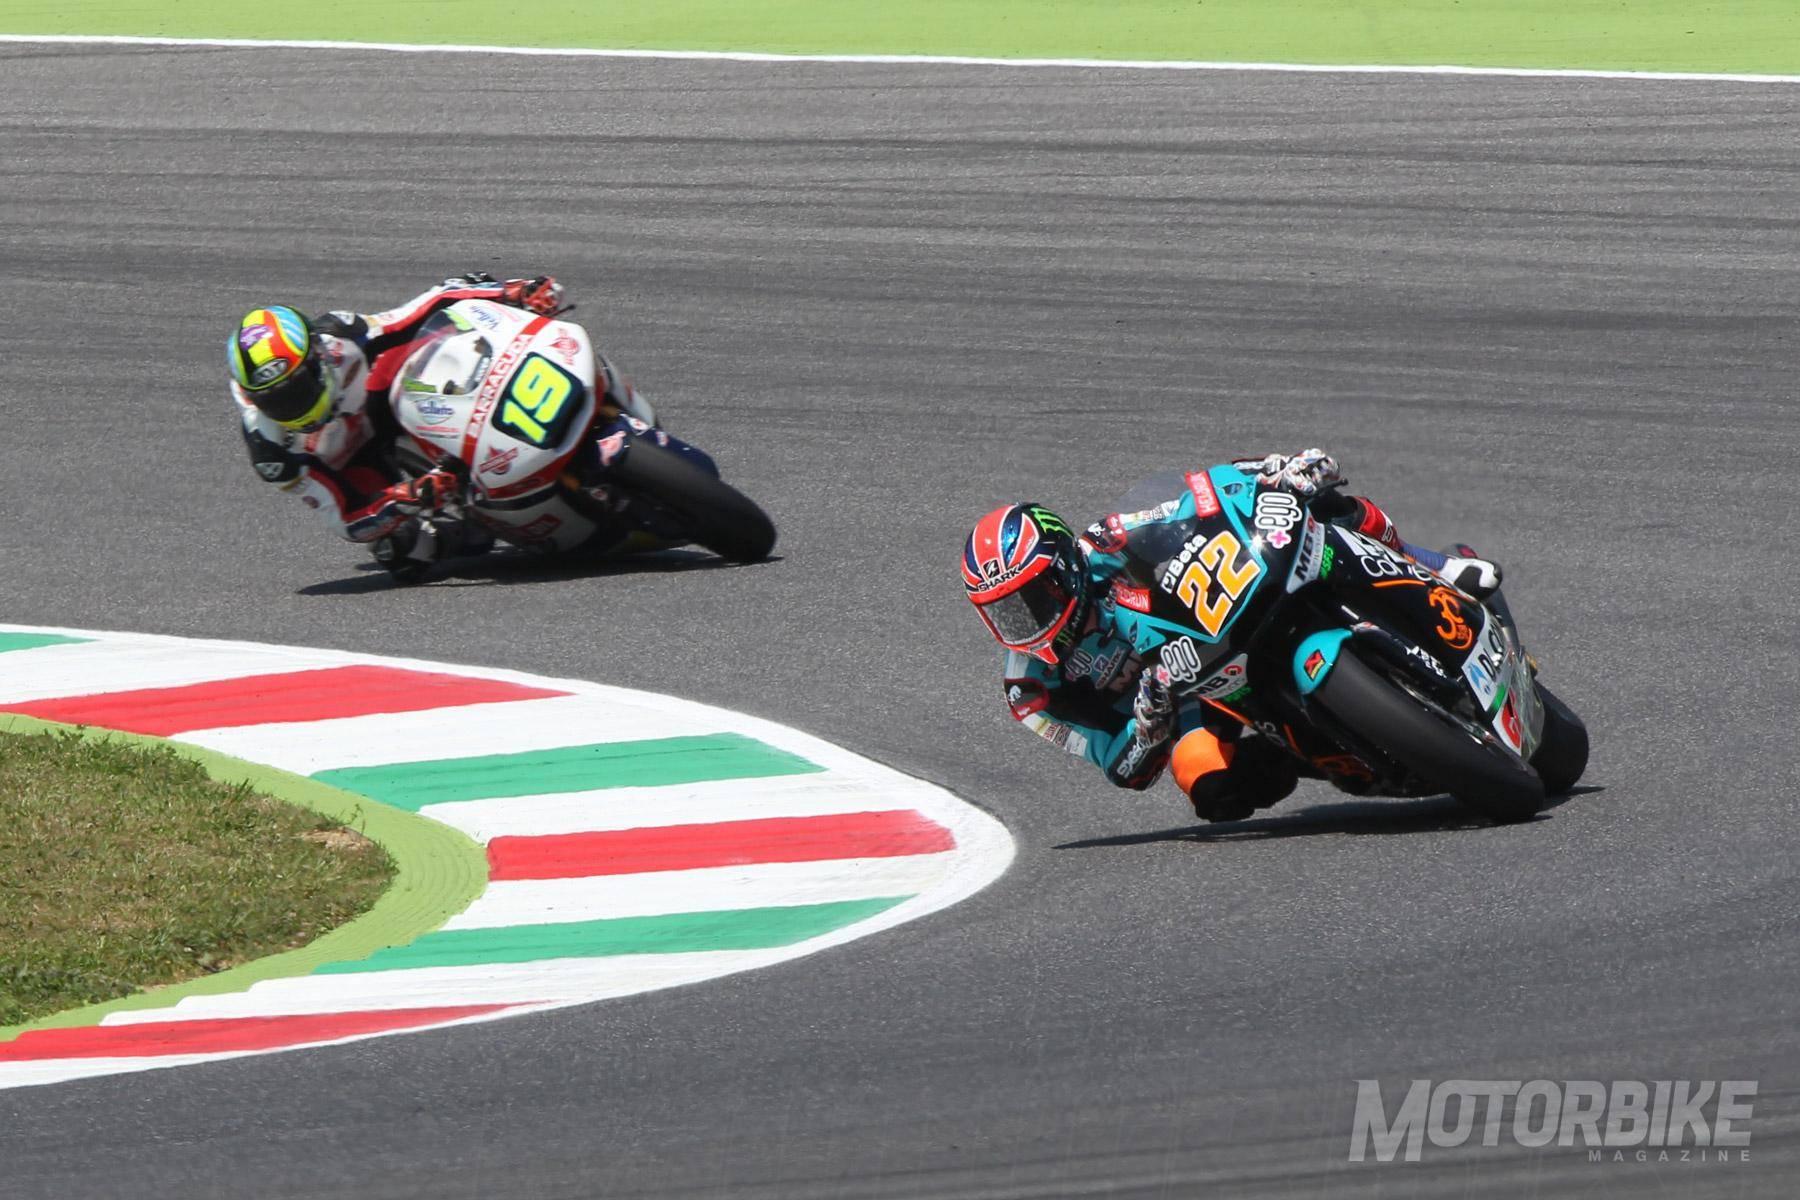 Moto2 Mugello 2015 - Motorbike Magazine